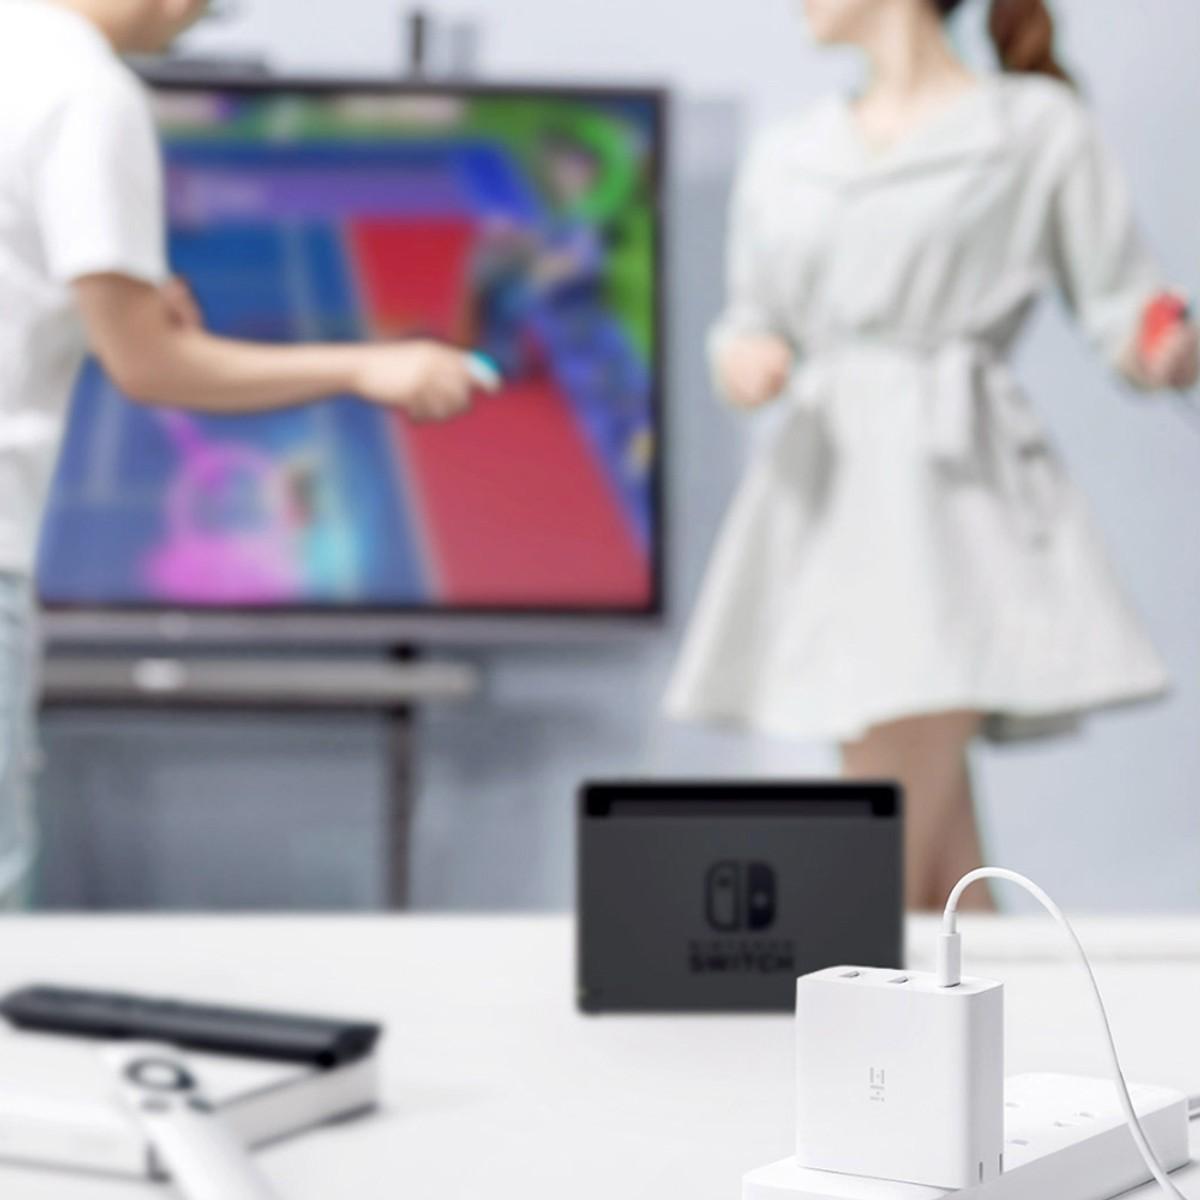 Bộ Sạc Điện Thoại Di Động 3 Trong 1 Xiaomi 65W ZMI HA832 - Hàng Nhập Khẩu